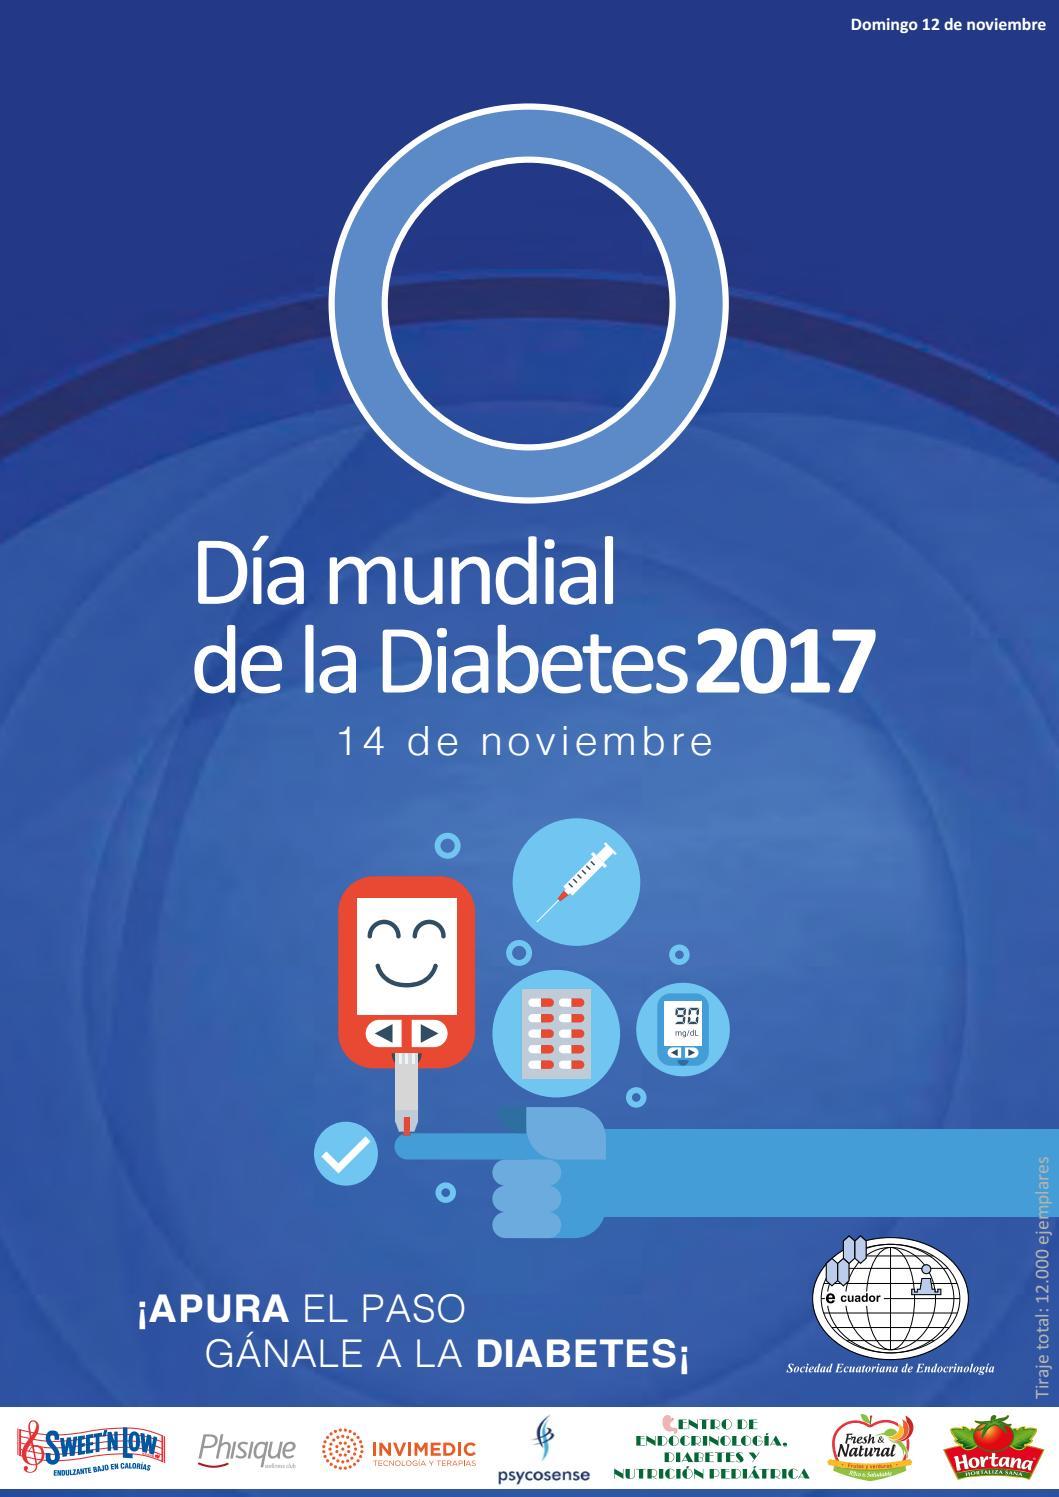 uva endocrinología pediátrica y diabetes